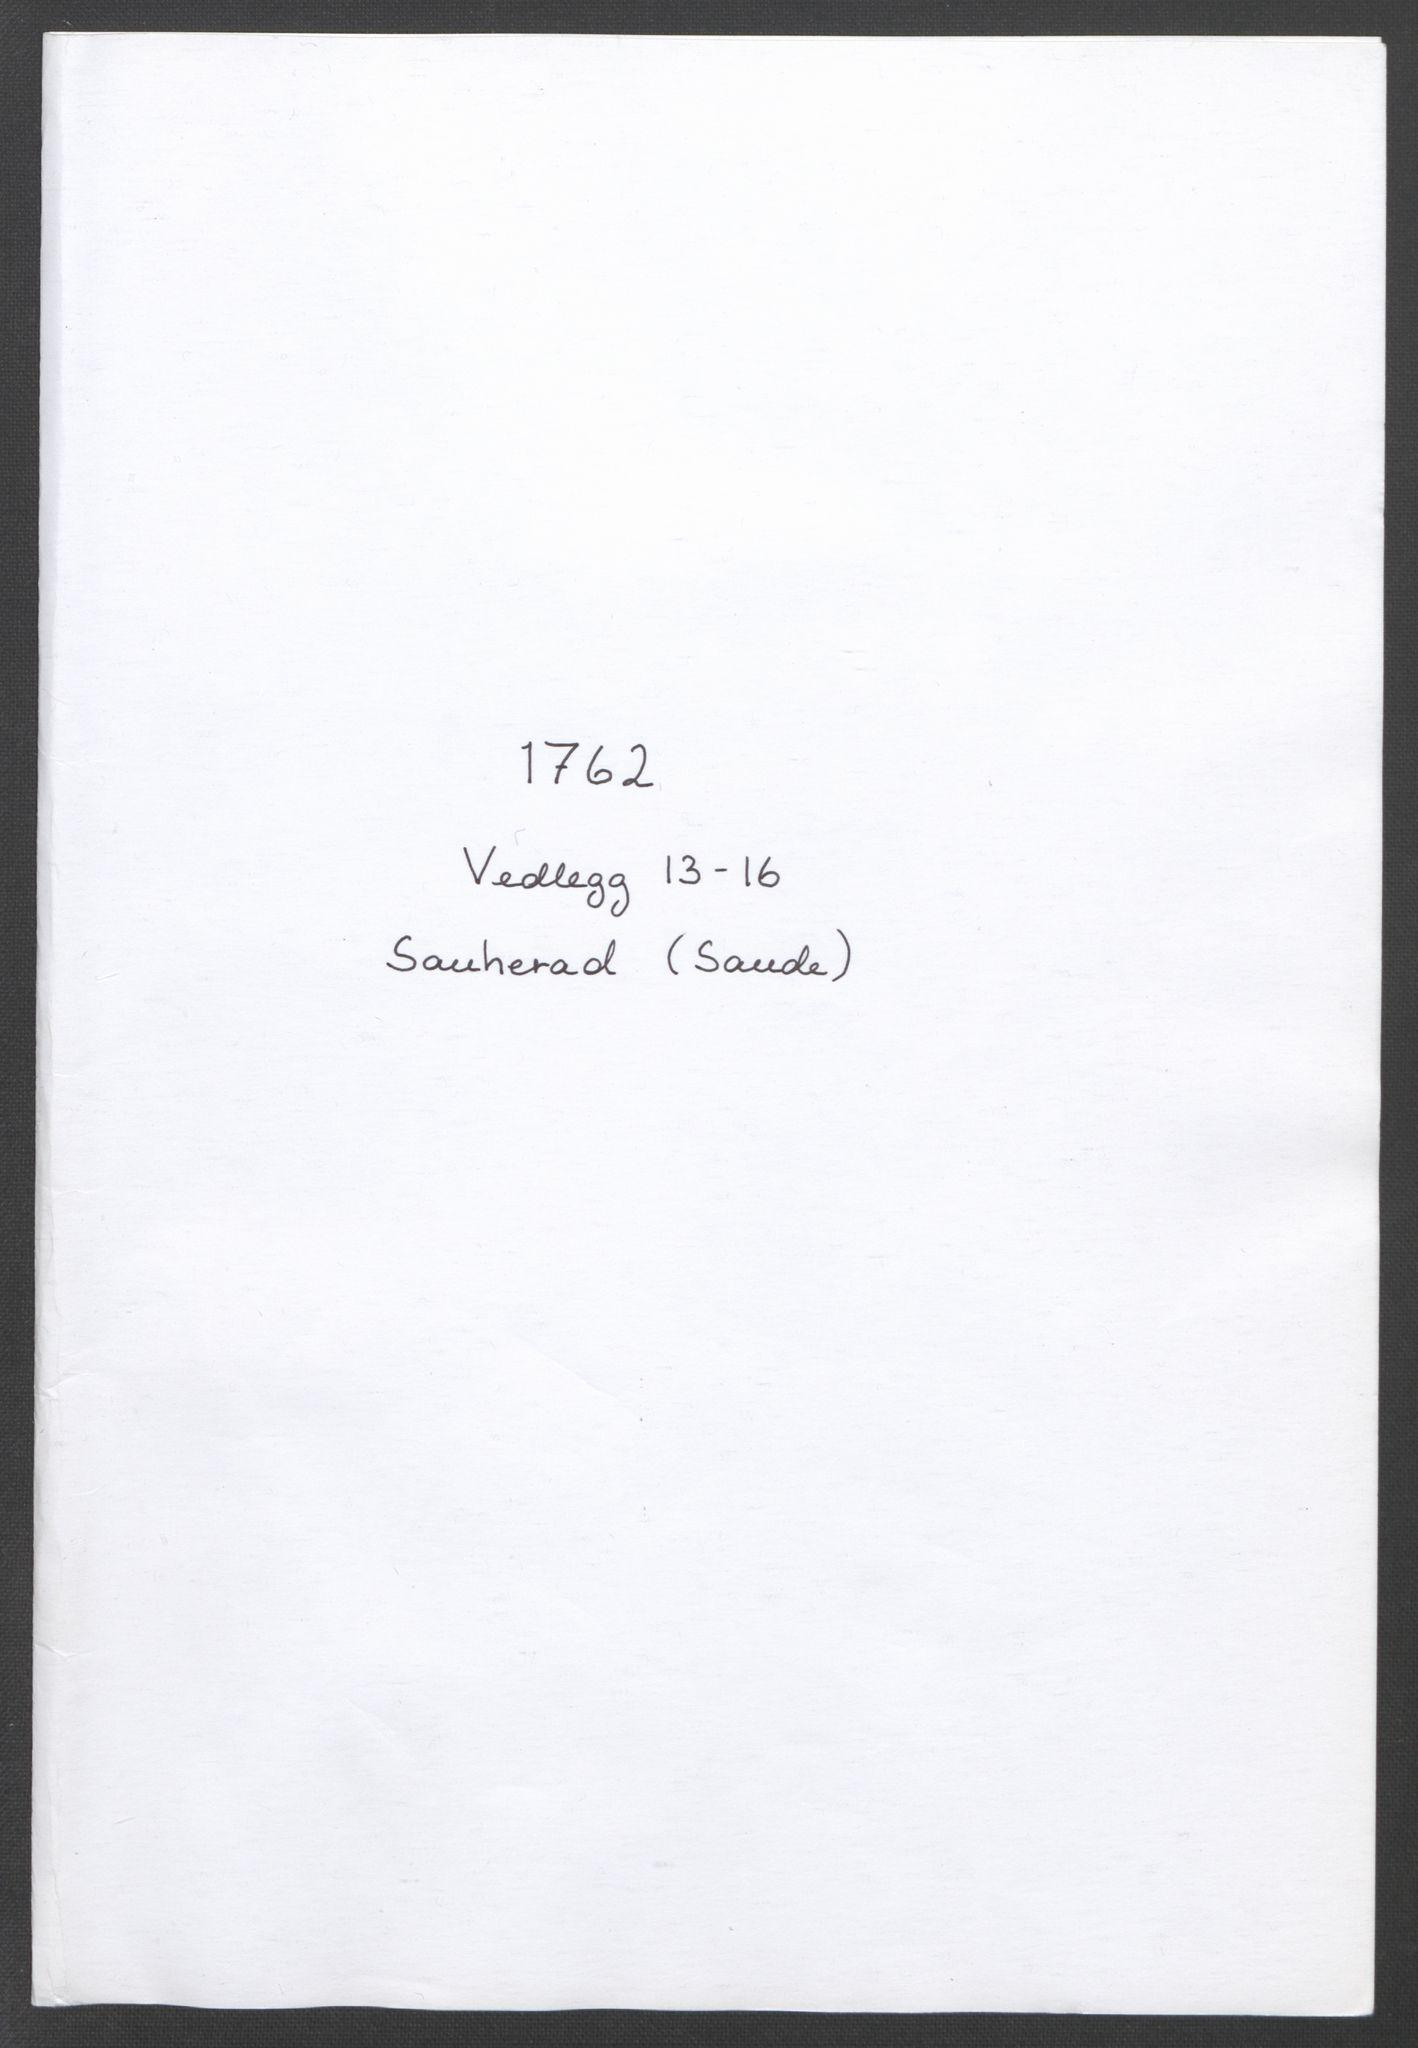 RA, Rentekammeret inntil 1814, Reviderte regnskaper, Fogderegnskap, R37/L2239: Ekstraskatten Nedre Telemark og Bamble, 1762-1763, s. 115